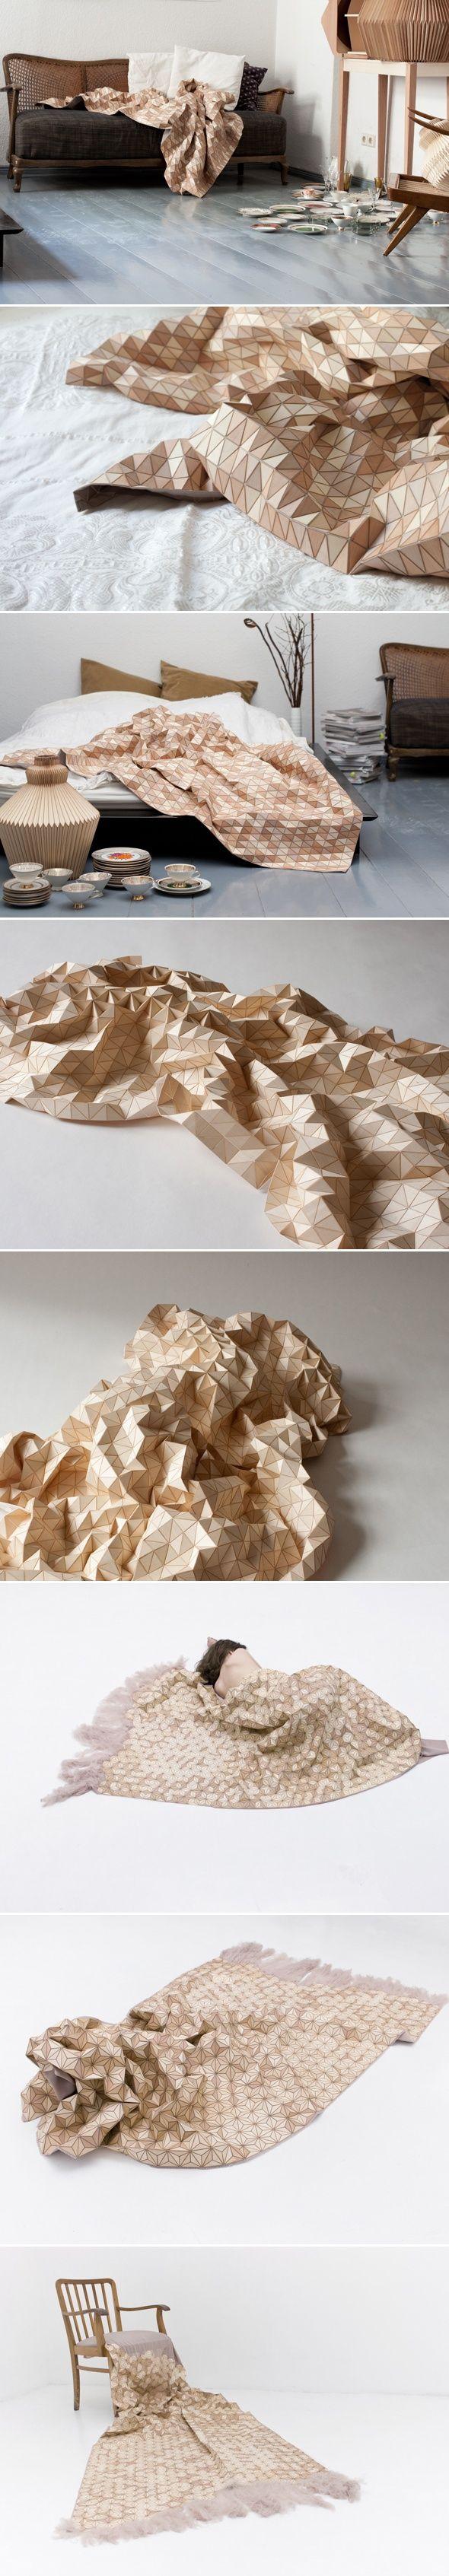 Wooden-Textiles, Elisa Strozyk, 120 cm x 180 cm, textile à base de plaques de bois de 0,6 mm, pour une utilisation en tapis et/ou couverture bois, tapis, plis, tapis, textures: